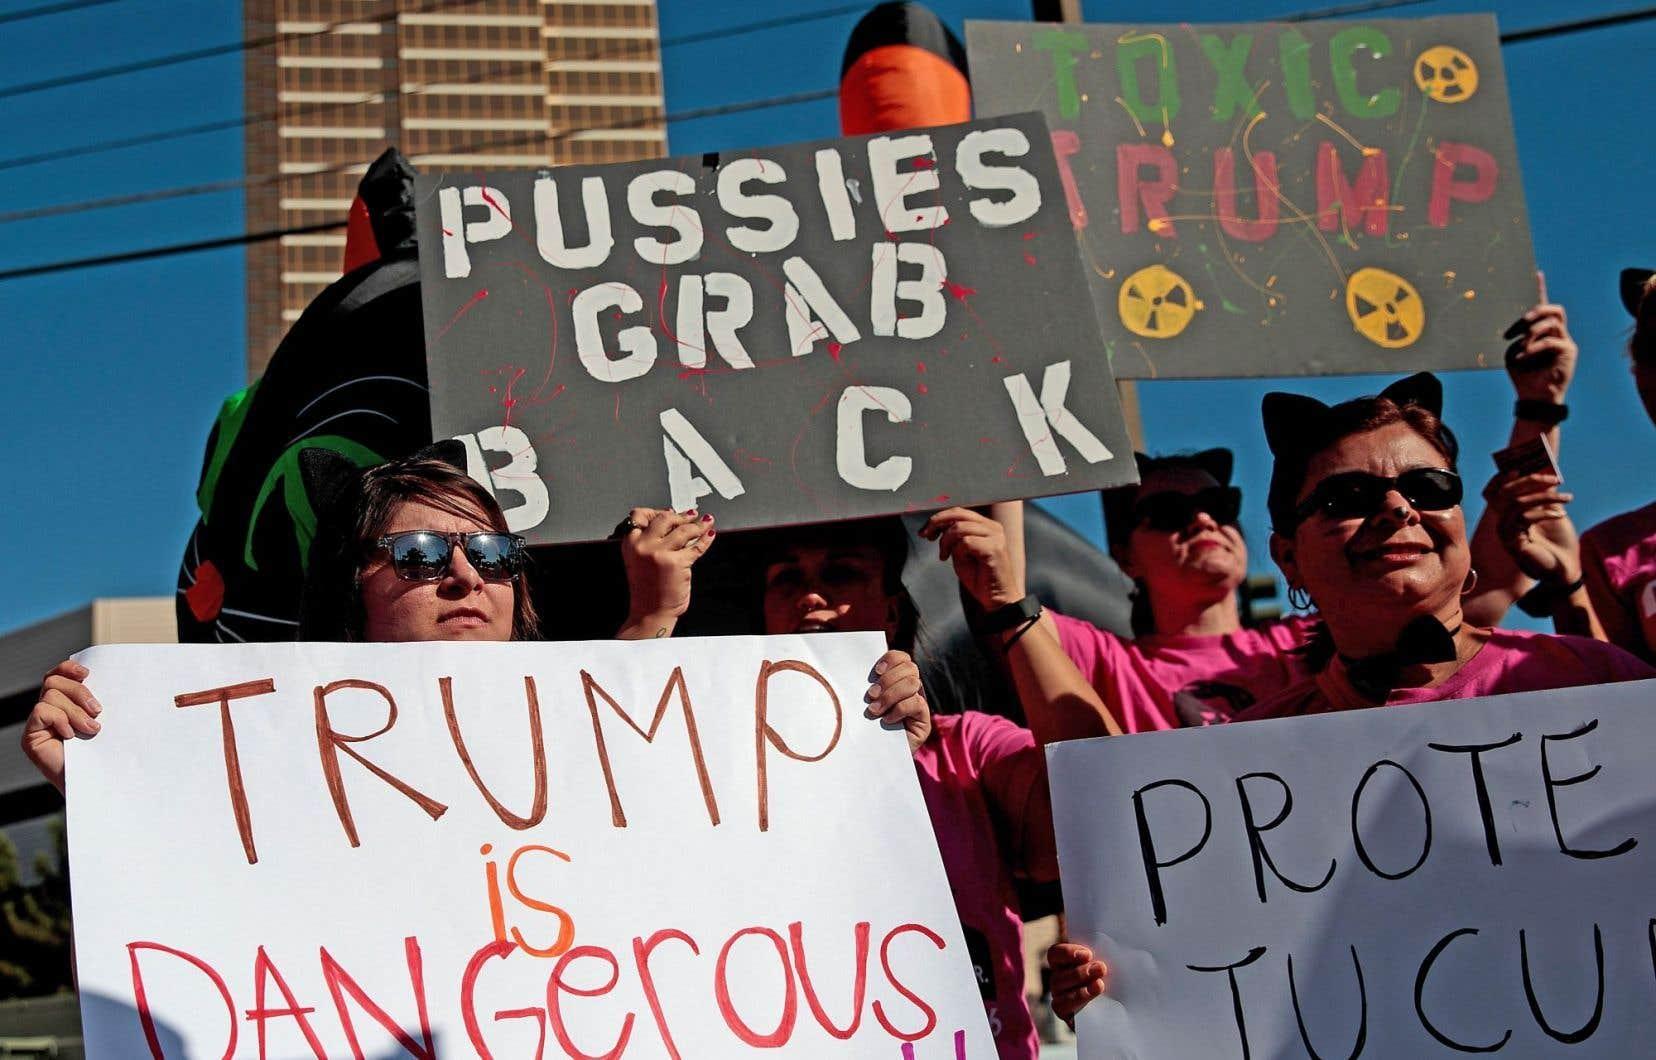 Des activistes et des bénévoles du Planned Parenthood de Las Vegas s'étaient réunis en octobre pour s'opposer aux propos du candidat républicain, Donald Trump.